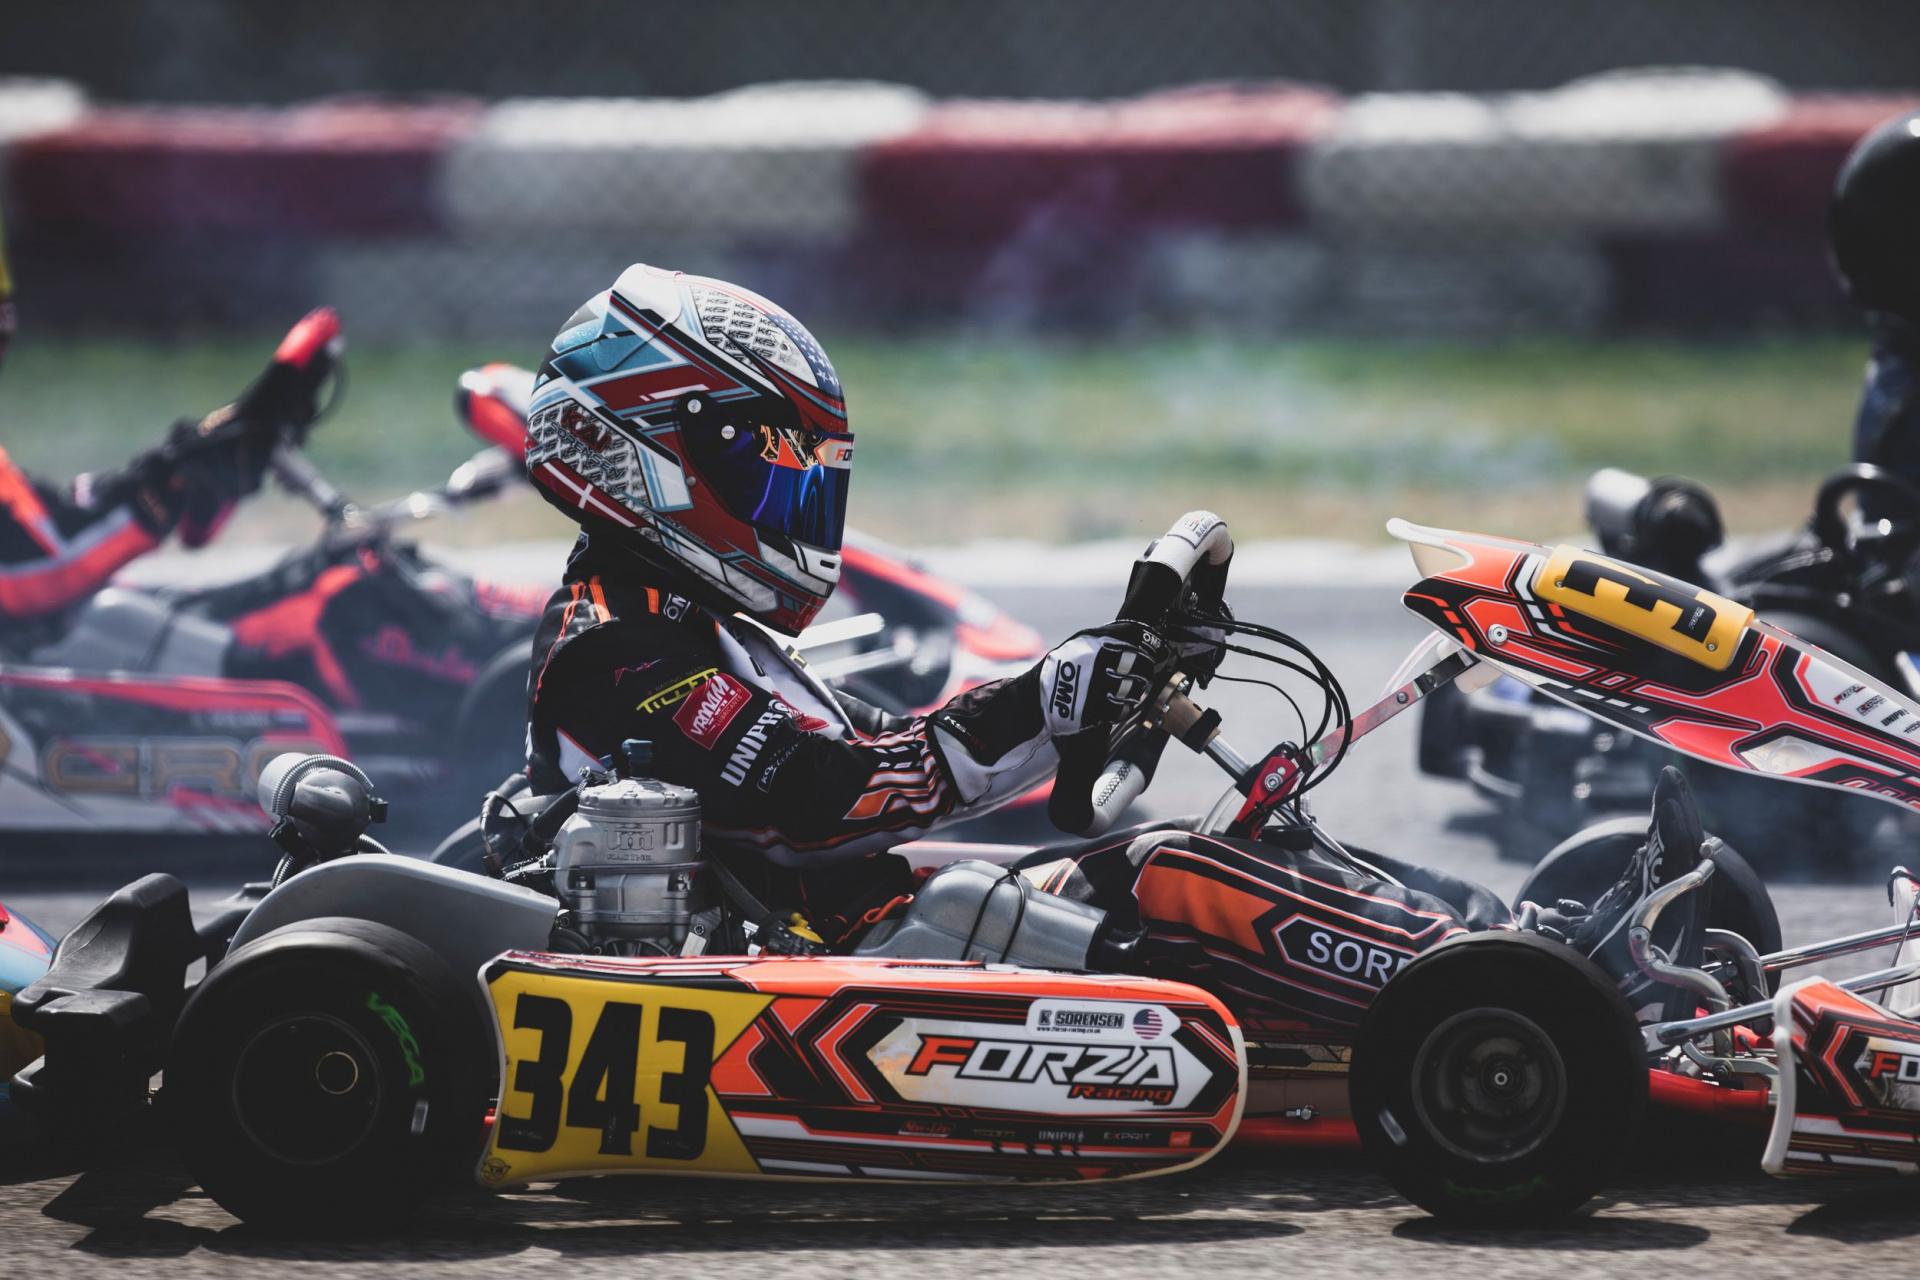 Kai Sorensen competitive at Adria despite the epilogue